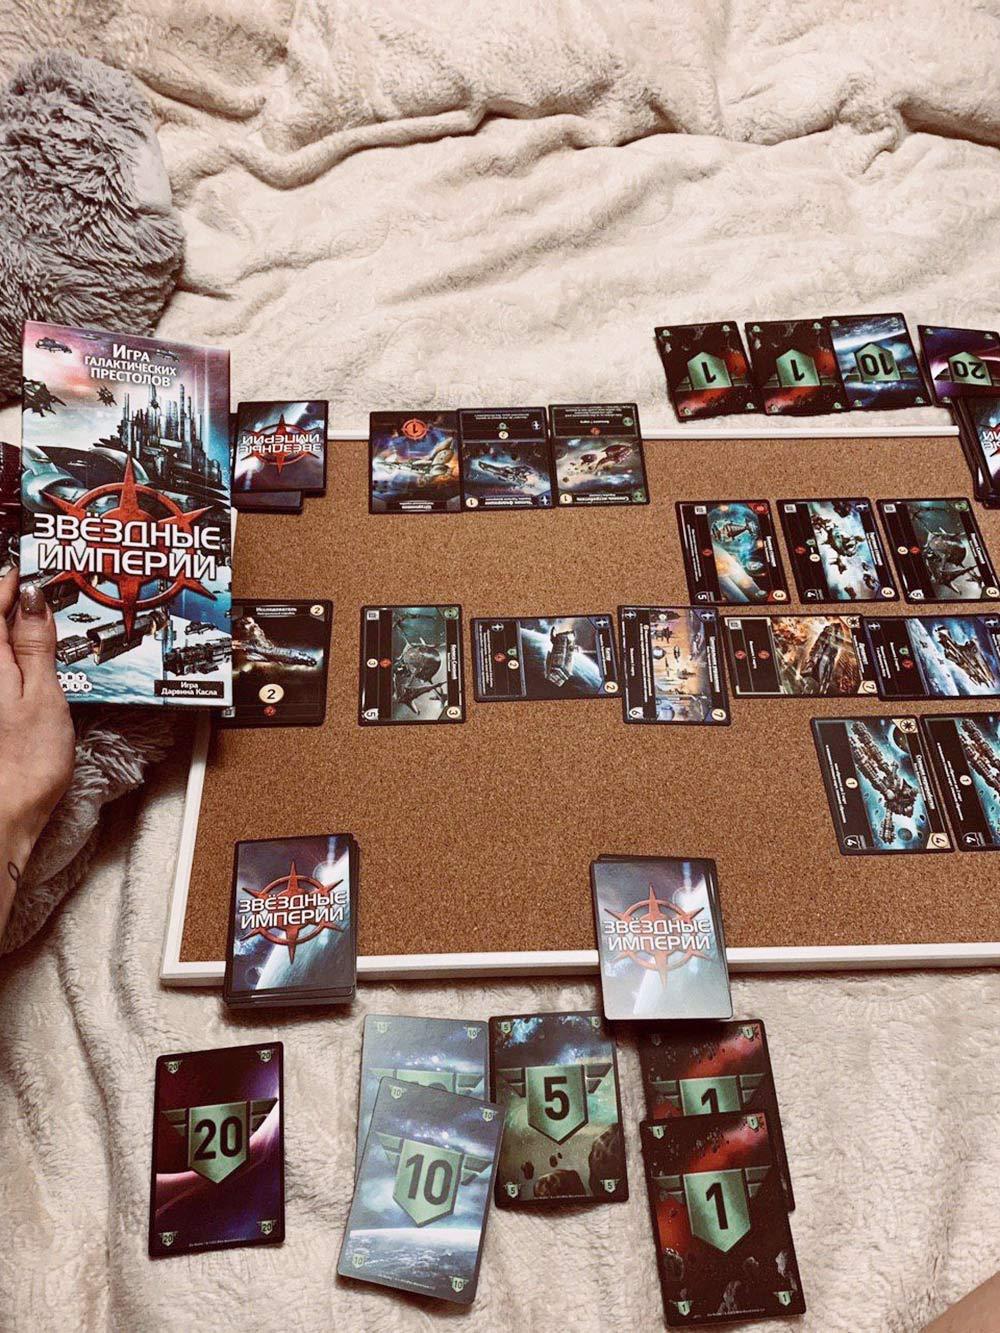 Играем в «Звездные империи»